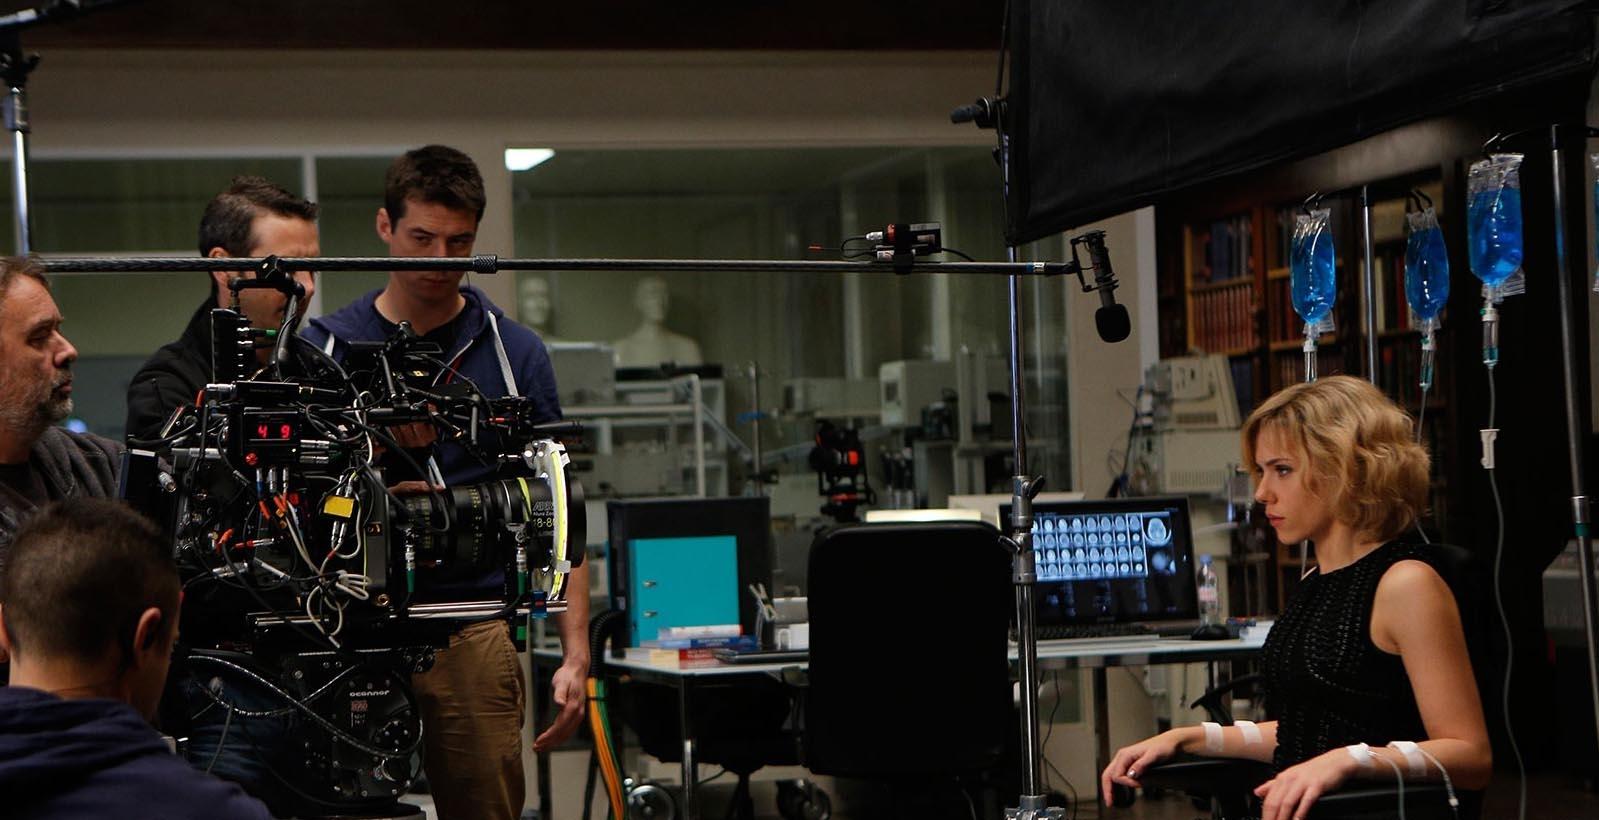 导演是卢贝松,里面主要是叙述,由好莱坞性感女星史嘉蕾乔韩森饰演lucy